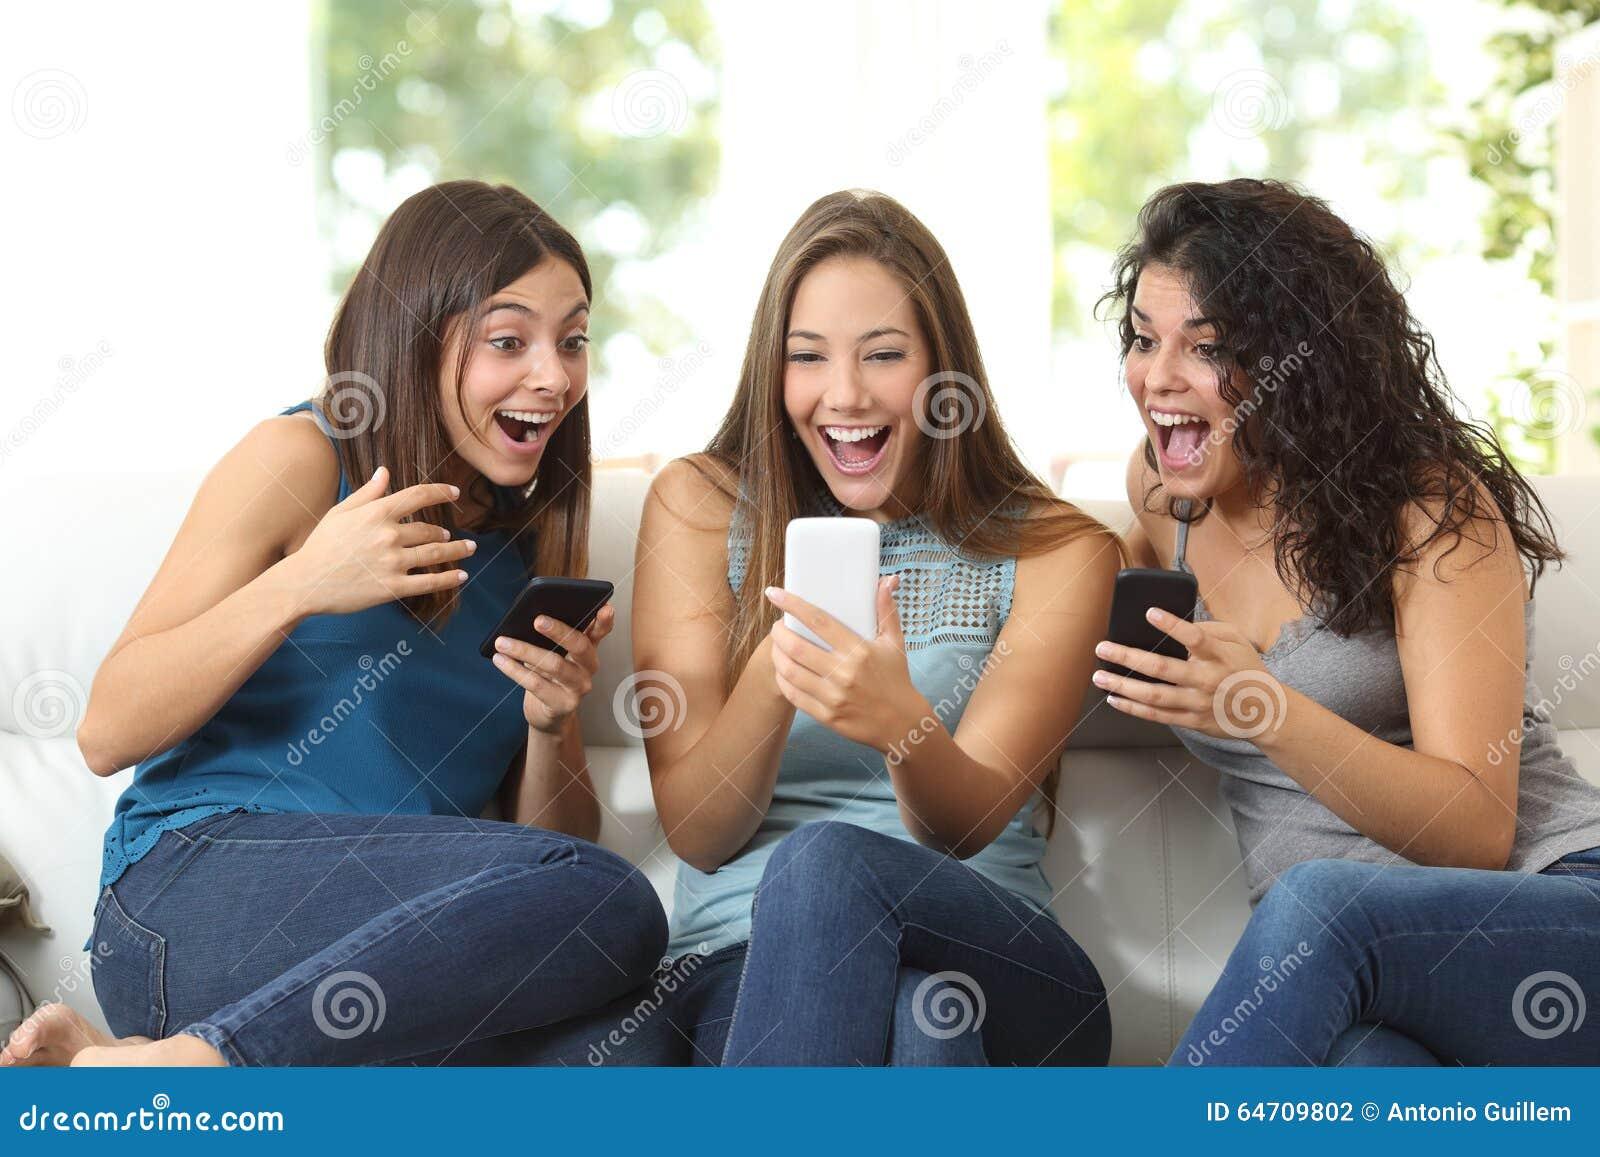 Três amigos surpreendidos olhando um telefone esperto